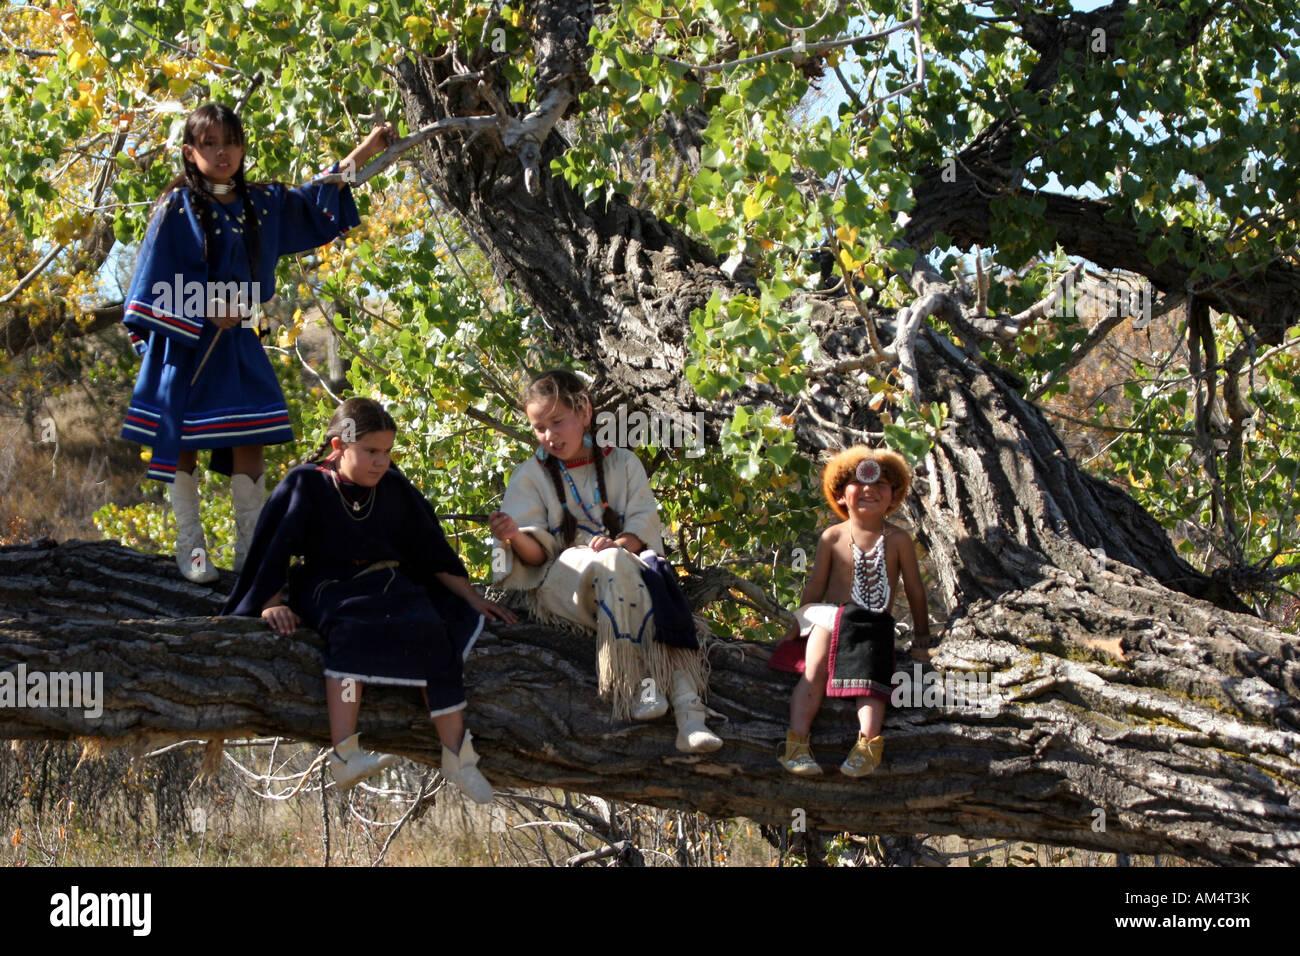 Eine Gruppe von jungen indianischen Kinder spielen in einem alten Baum Stockfoto